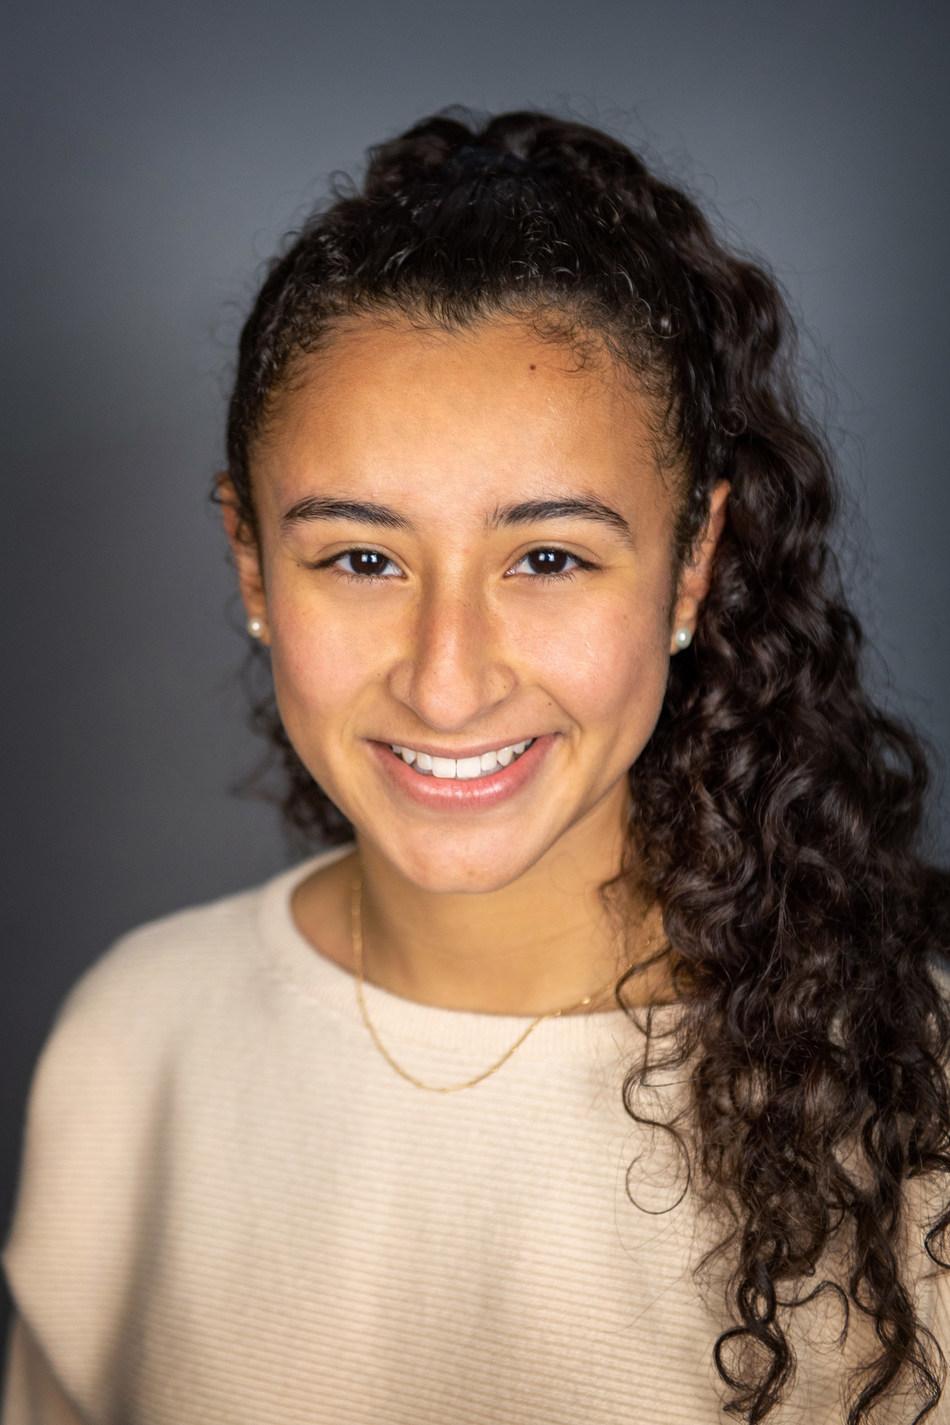 Gabriela Garcia Perez (PRNewsfoto/Prudential Financial, Inc.)